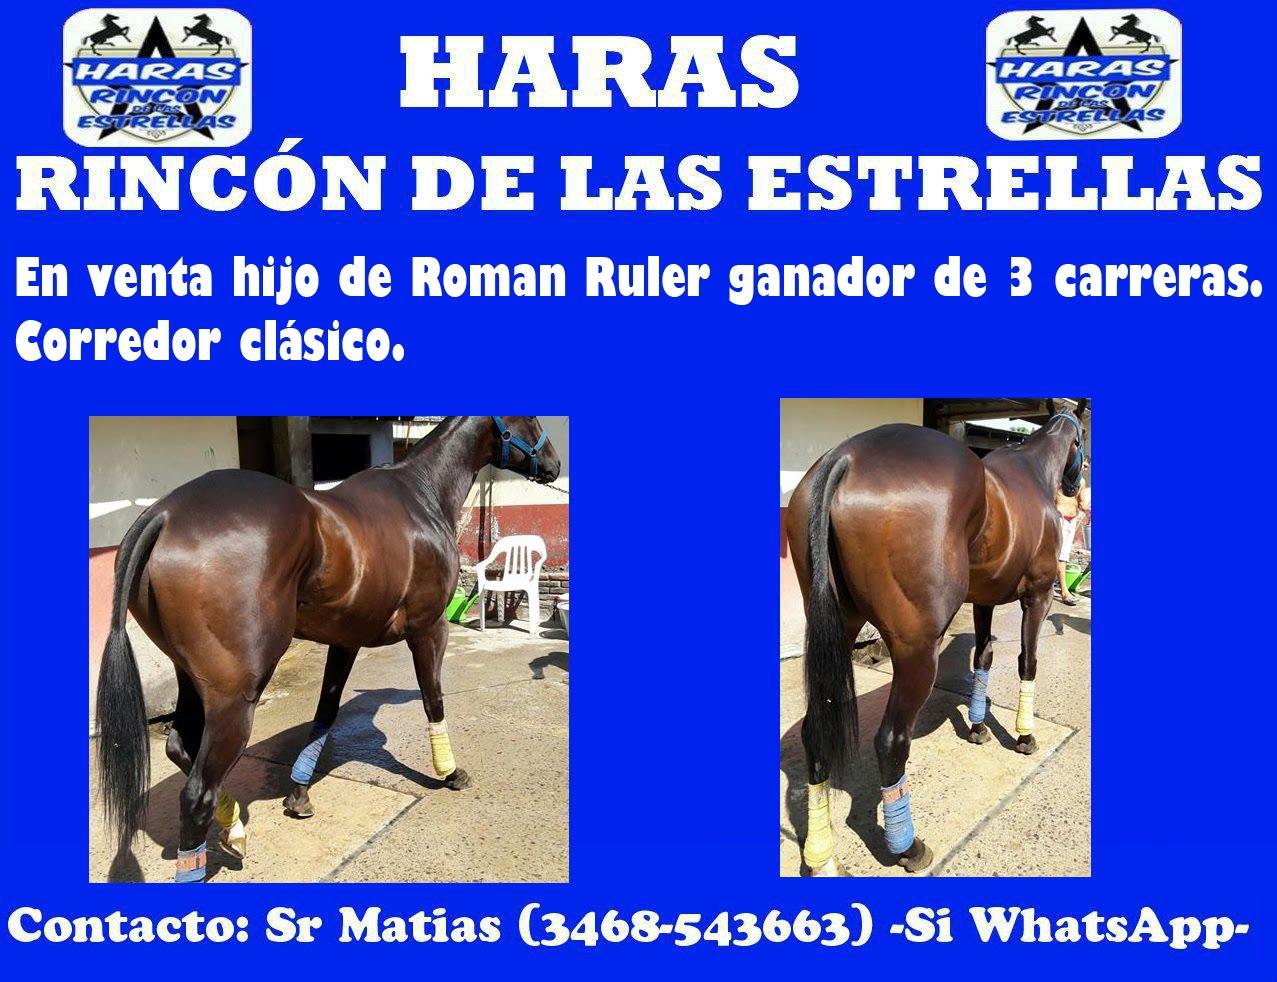 RINCON DE LAS ESTR. 1